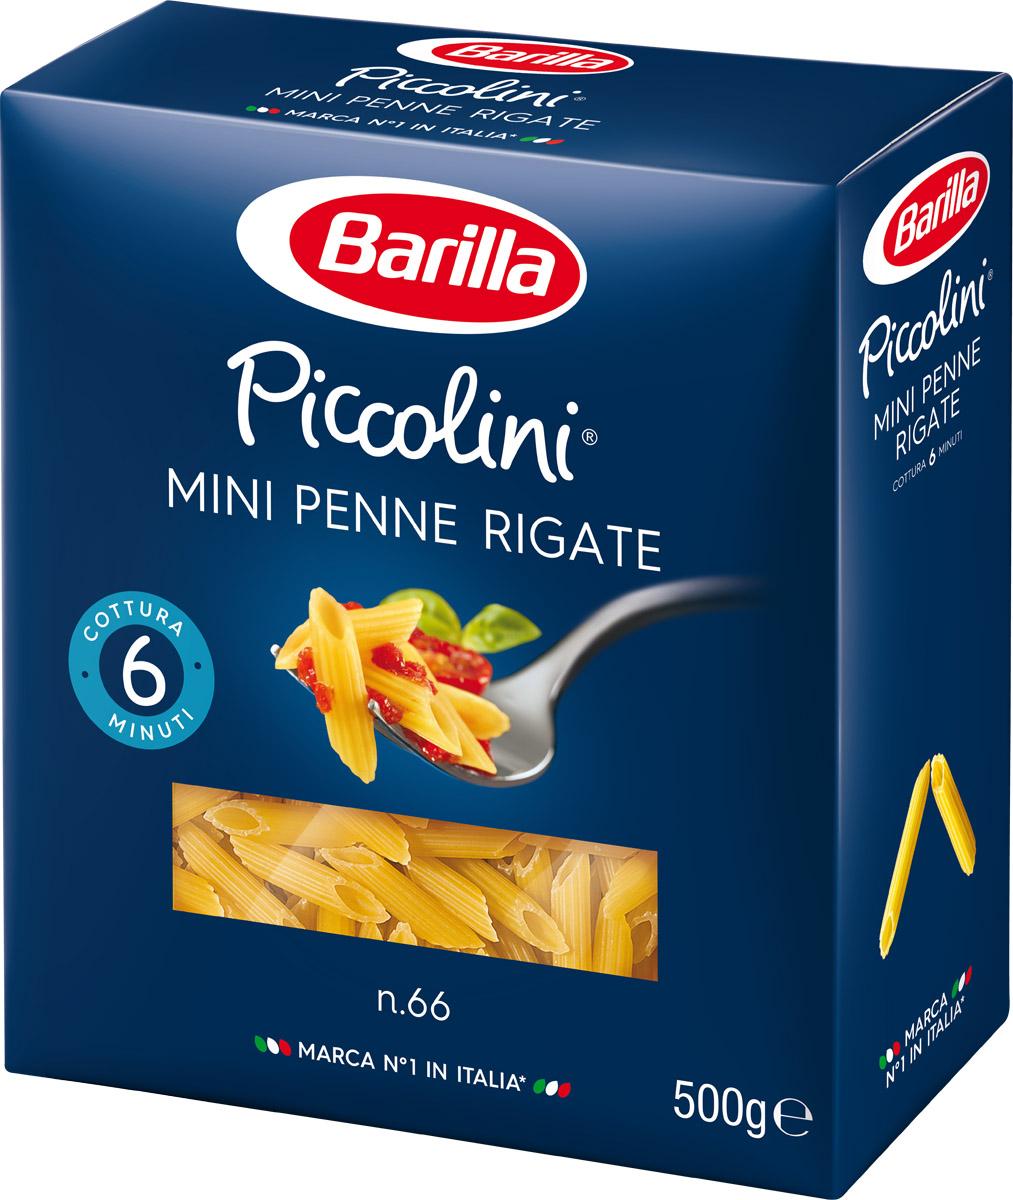 Barilla Mini Penne Rigate паста мини пенне ригате, 500 г